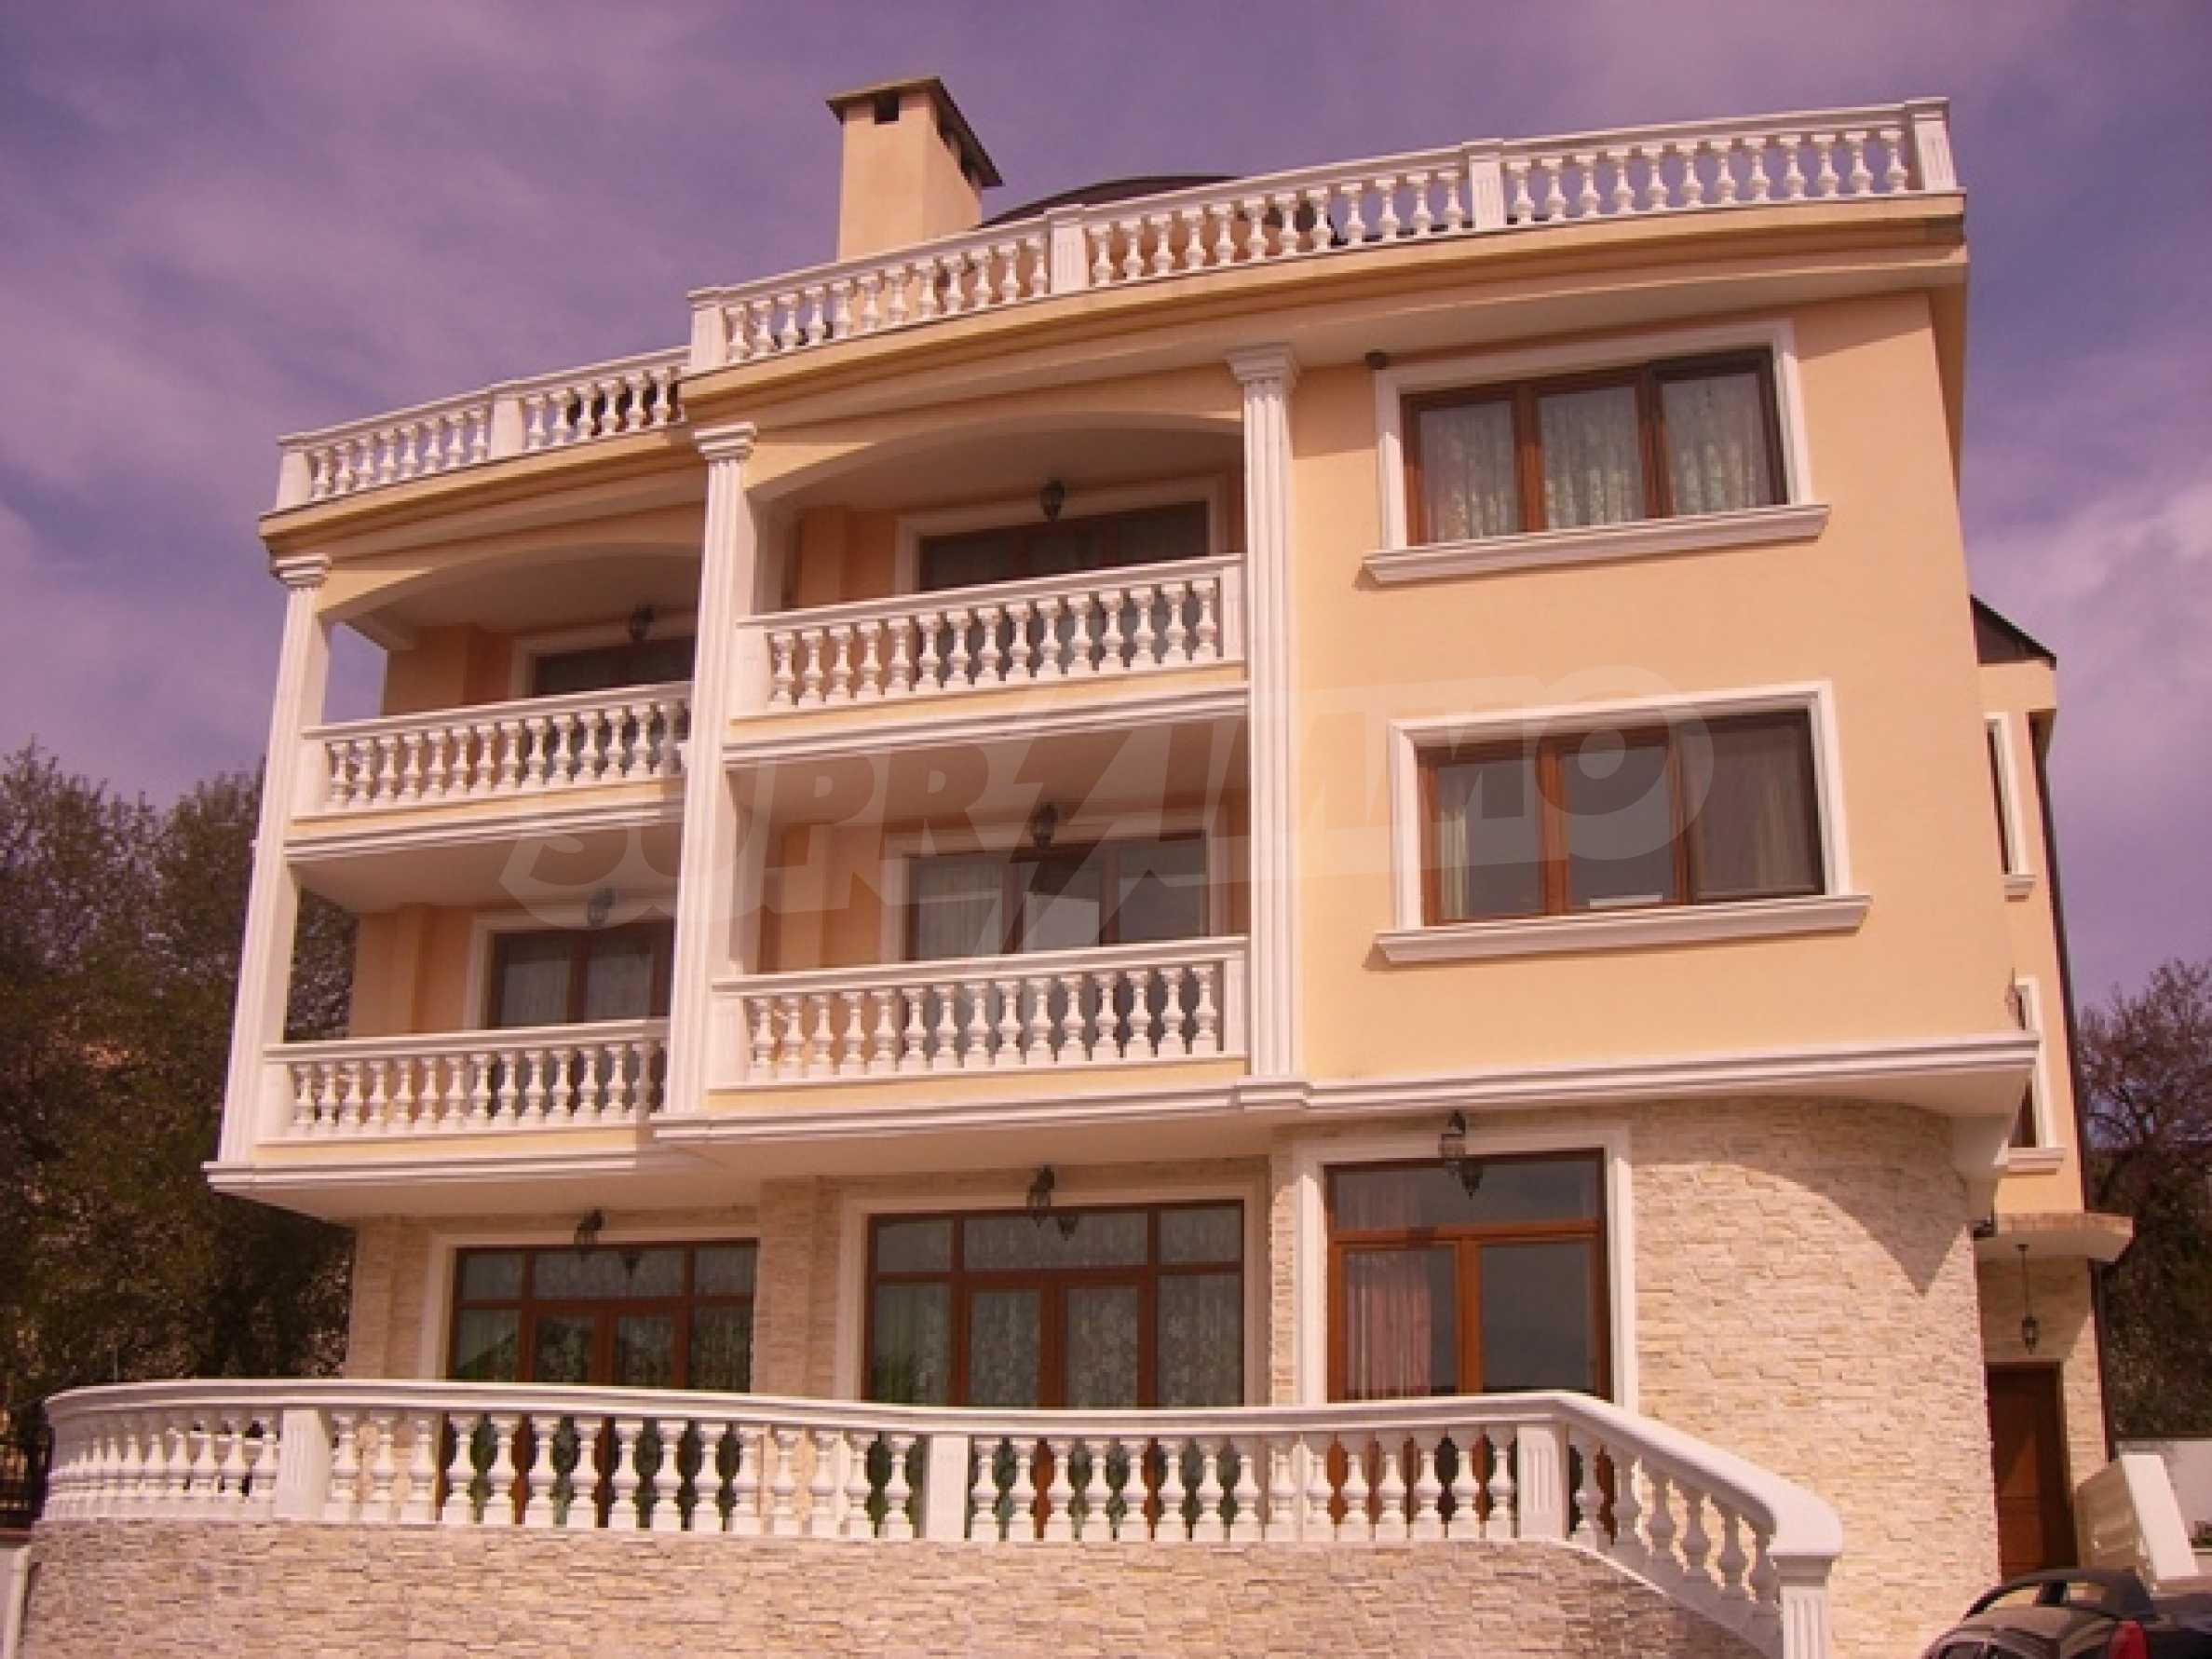 Residenz bulgarischen Traumhaus 69